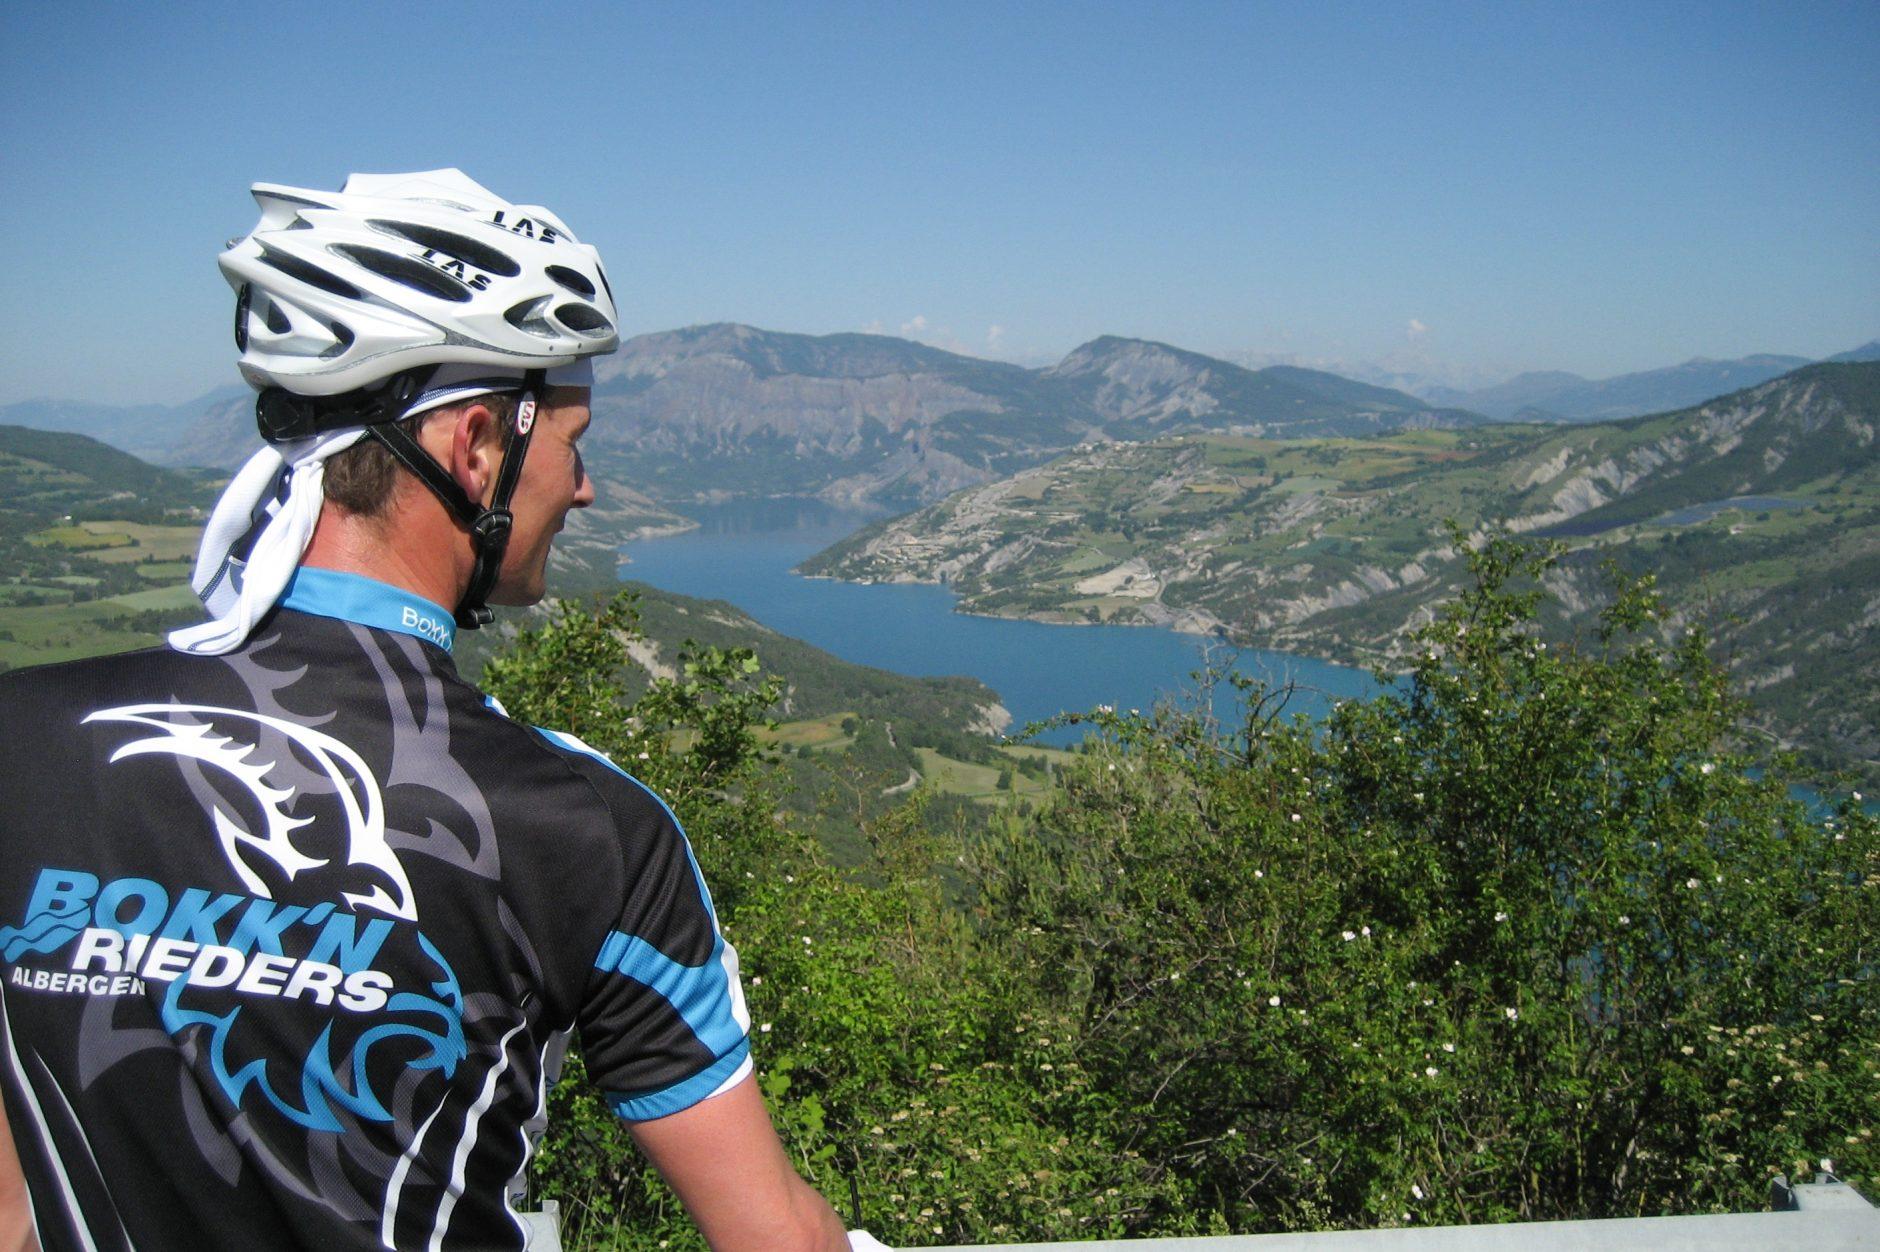 De Bokk'nrieders: fietsfanaten uit Albergen